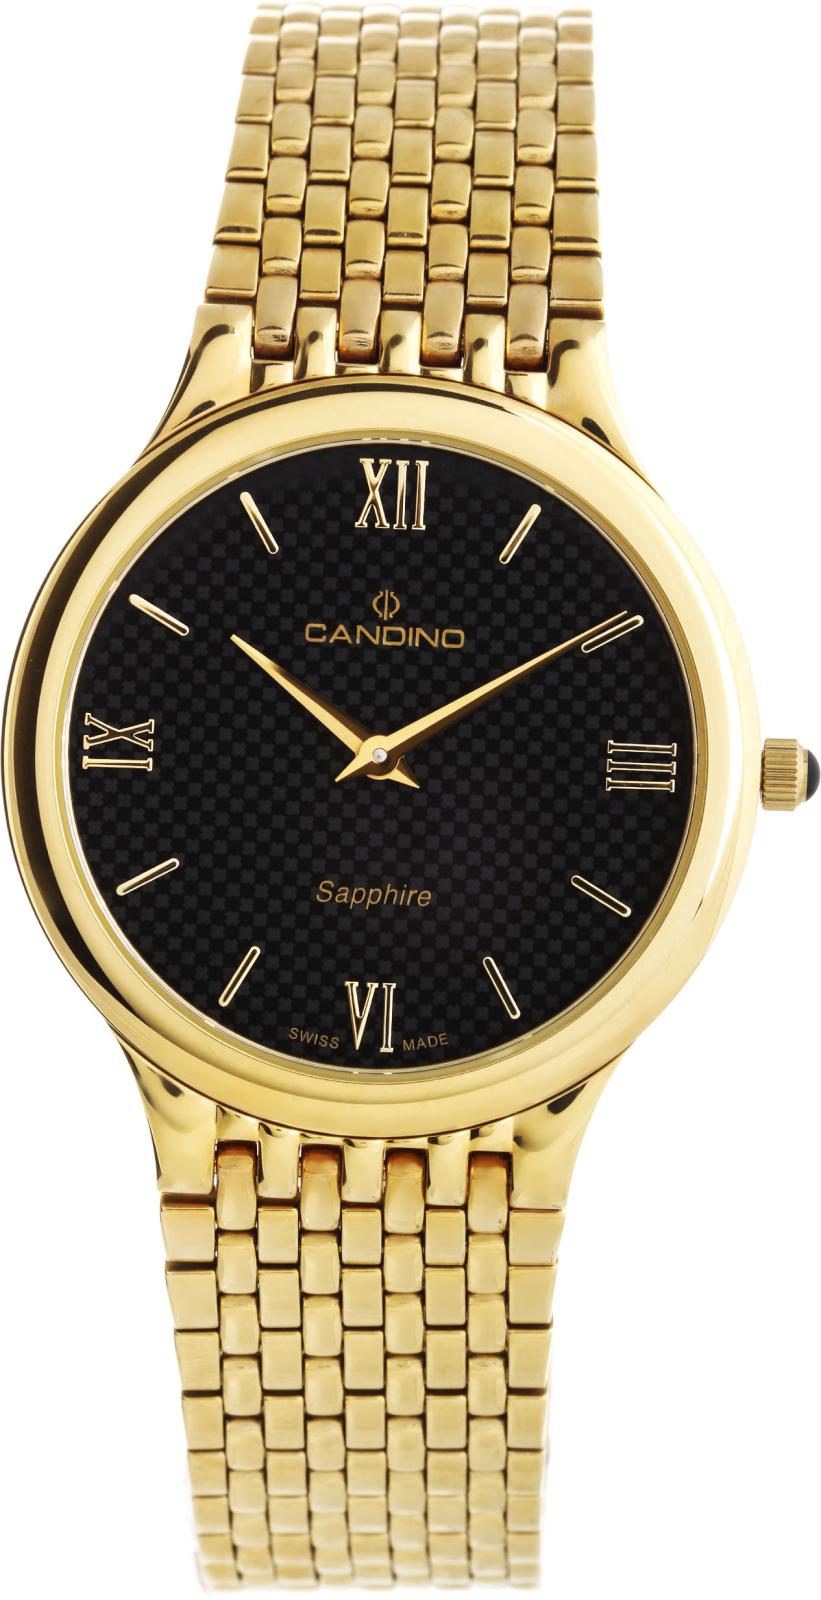 Candino Classic C4363/4Наручные часы<br>Швейцарские часы Candino Classic C4363/4<br><br>Для кого?: Мужские<br>Страна-производитель: Швейцария<br>Механизм: Кварцевый<br>Материал корпуса: Сталь<br>Материал ремня/браслета: Сталь<br>Водозащита, диапазон: 20 - 100 м<br>Стекло: Сапфировое<br>Толщина корпуса: 6 мм<br>Стиль: Классика